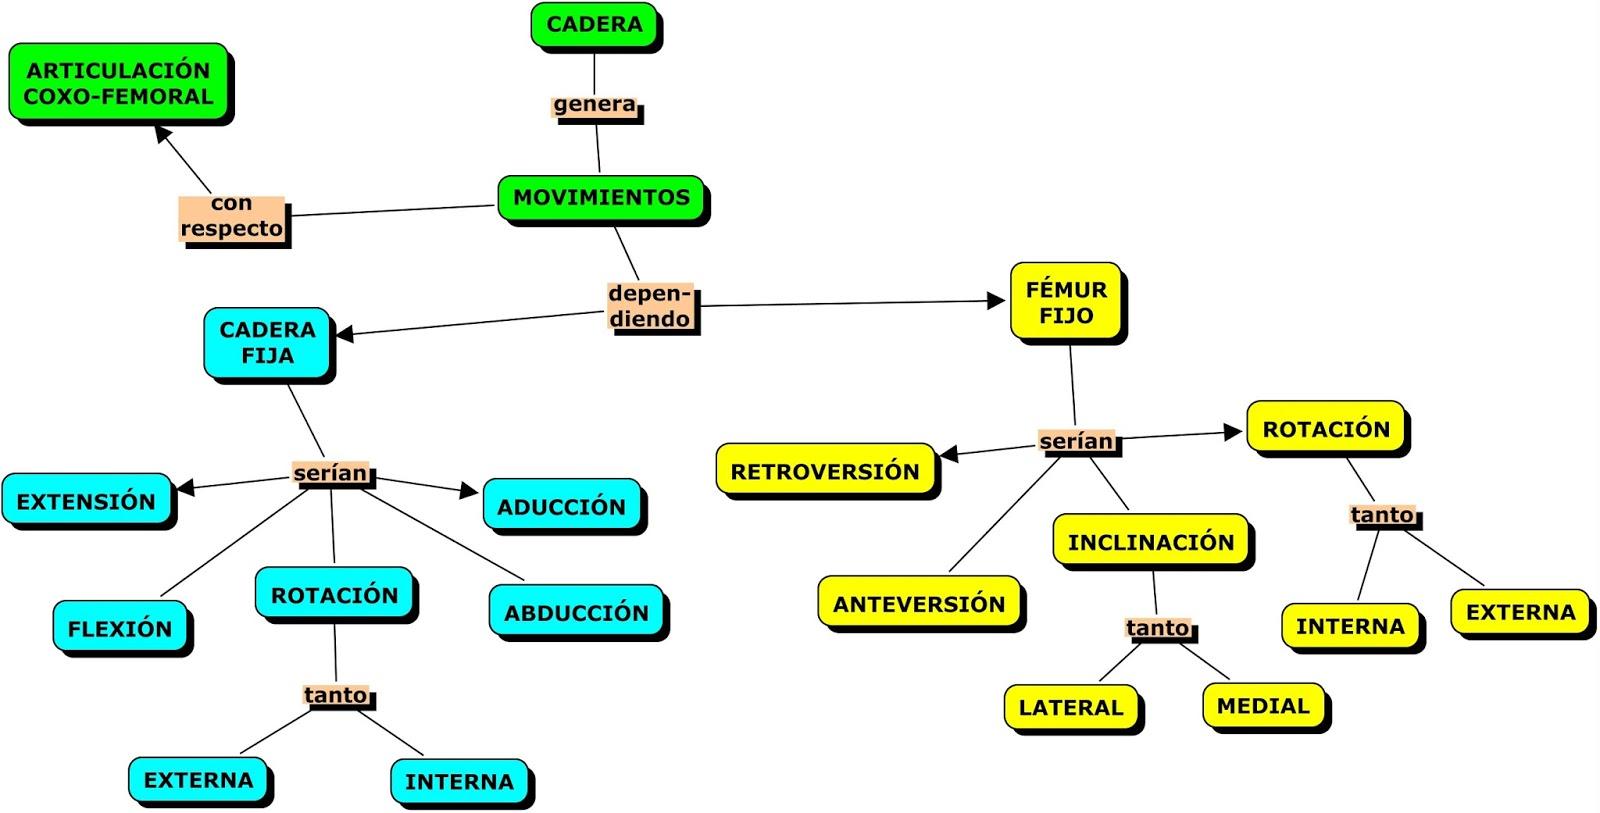 MAPAS CONCEPTUALES ANATOMÍA CADERA | MAPAS CONCEPTUALES (MIND MAPS ...